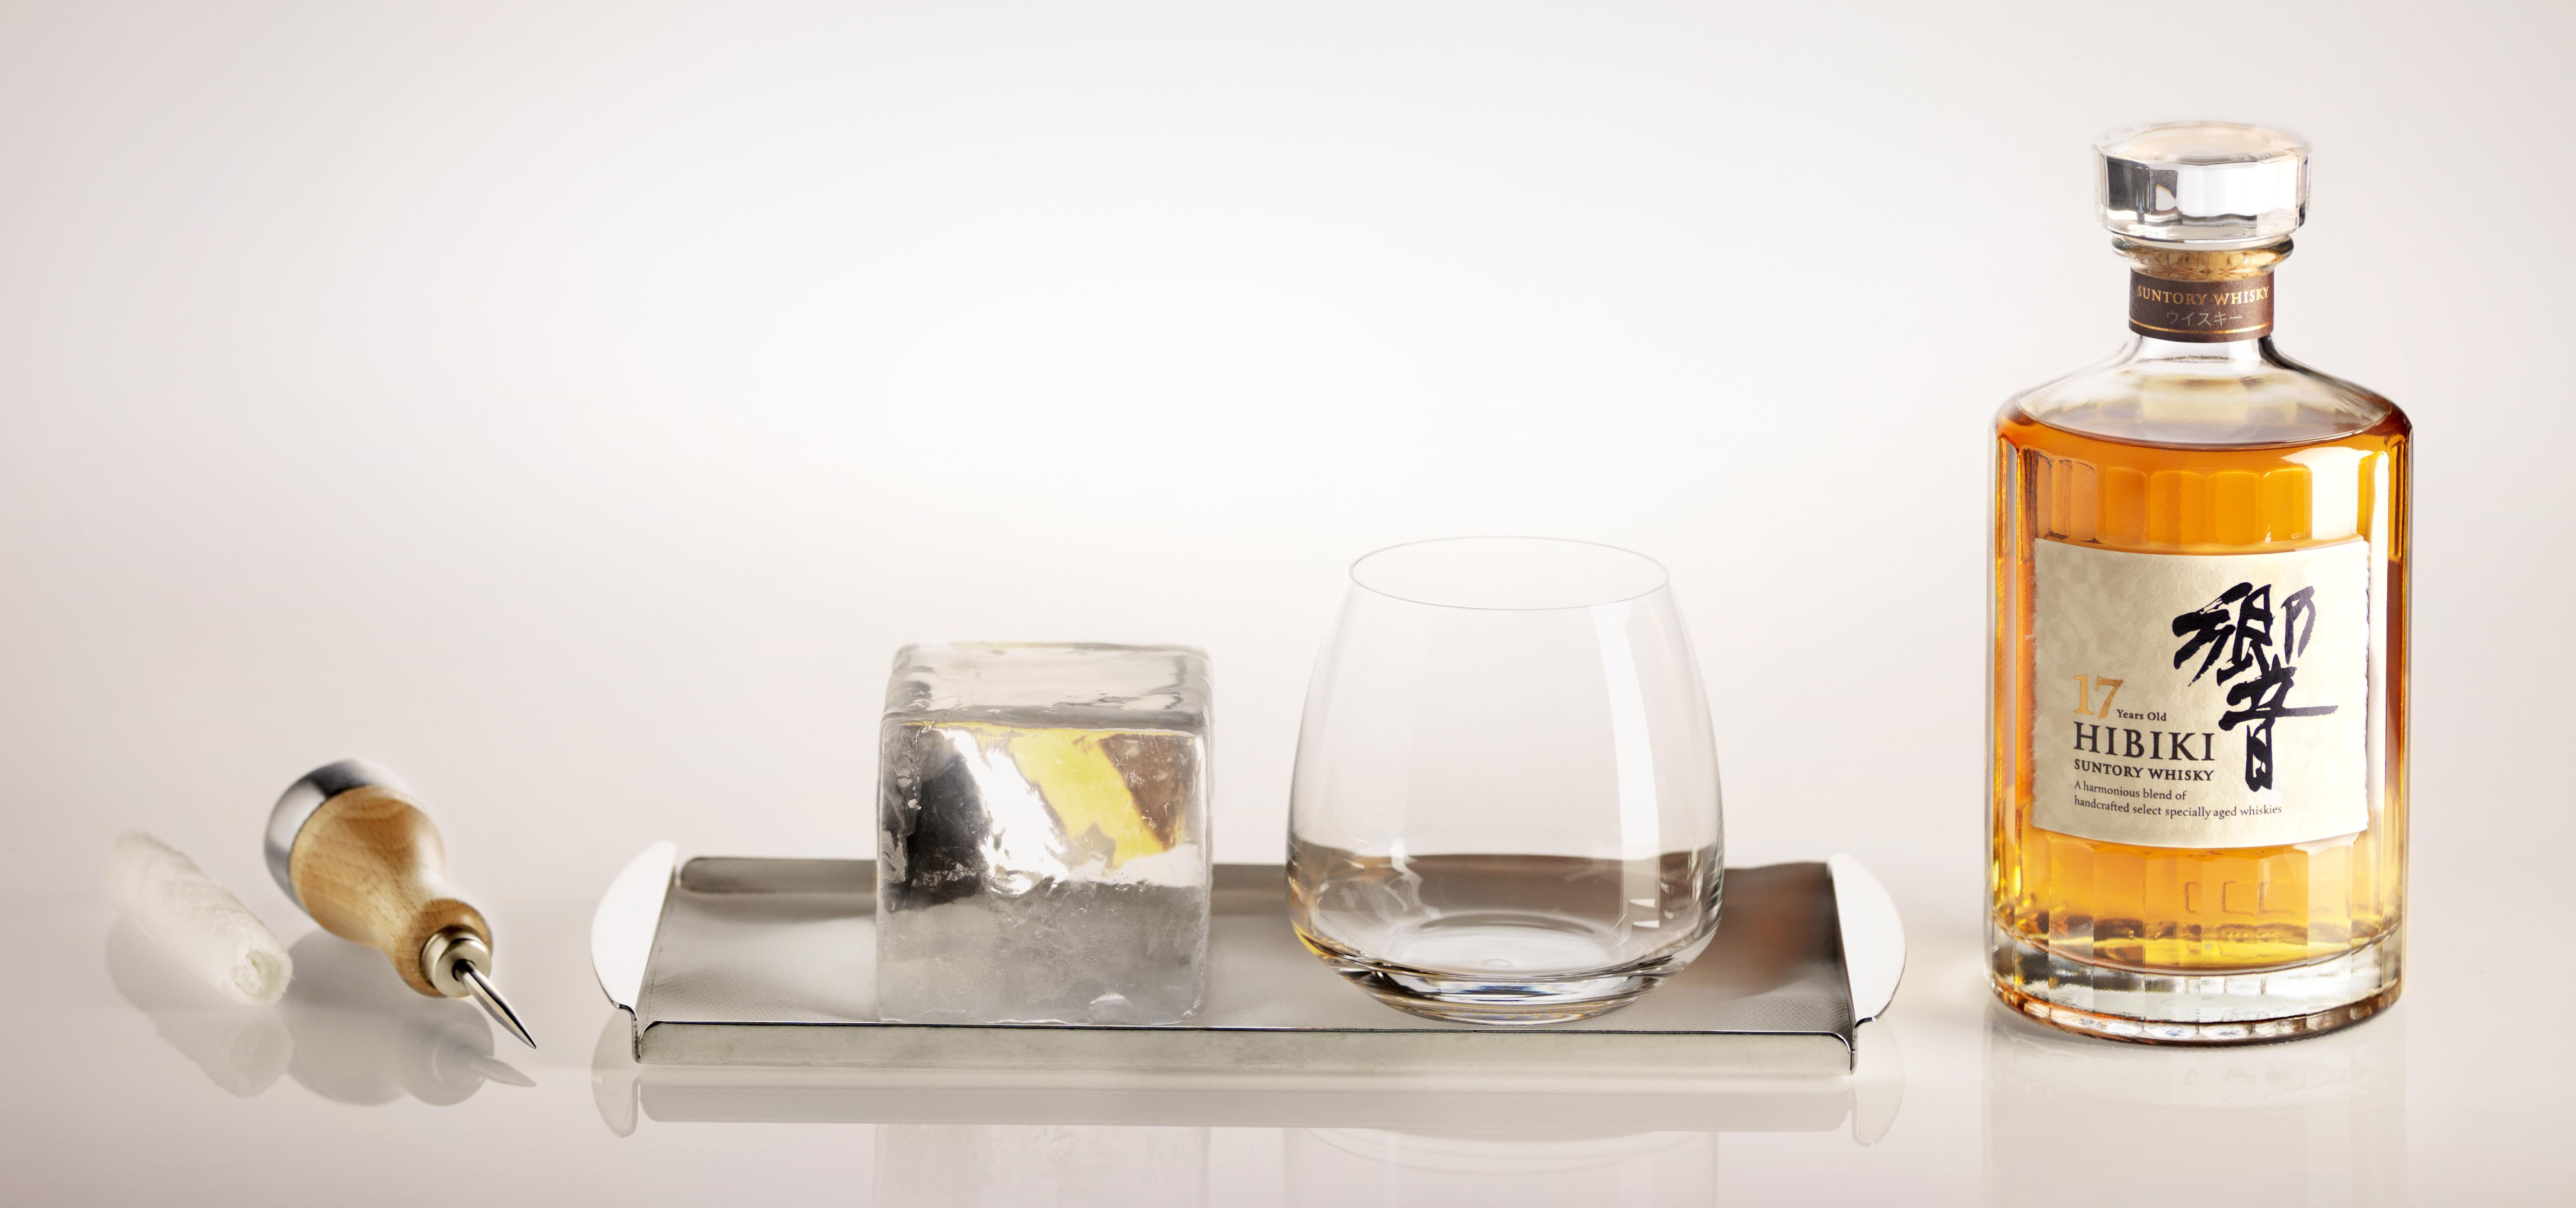 initiez vous aux rituels de d gustation la japonaise des whiskies suntory au bar du plaza. Black Bedroom Furniture Sets. Home Design Ideas